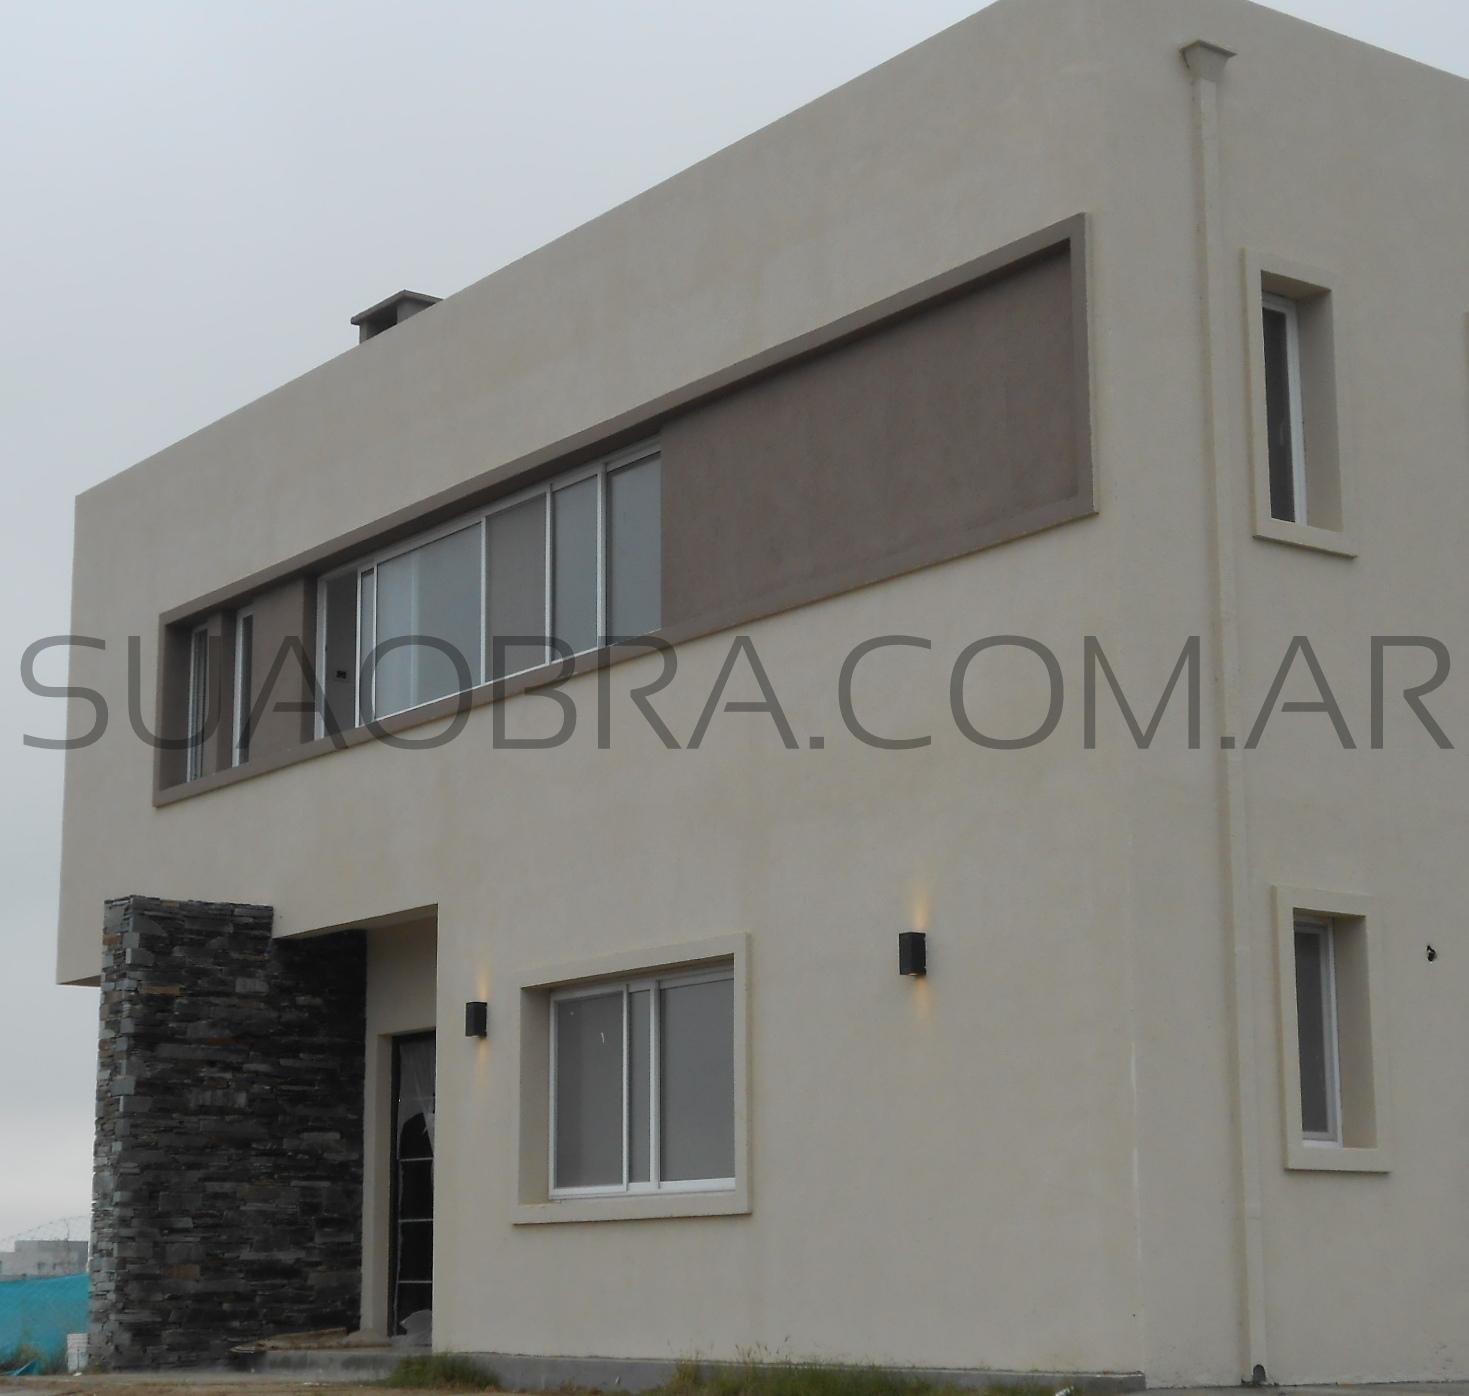 Revestimiento exterior tarquini color recubrimiento de - Revestimiento paredes exterior ...